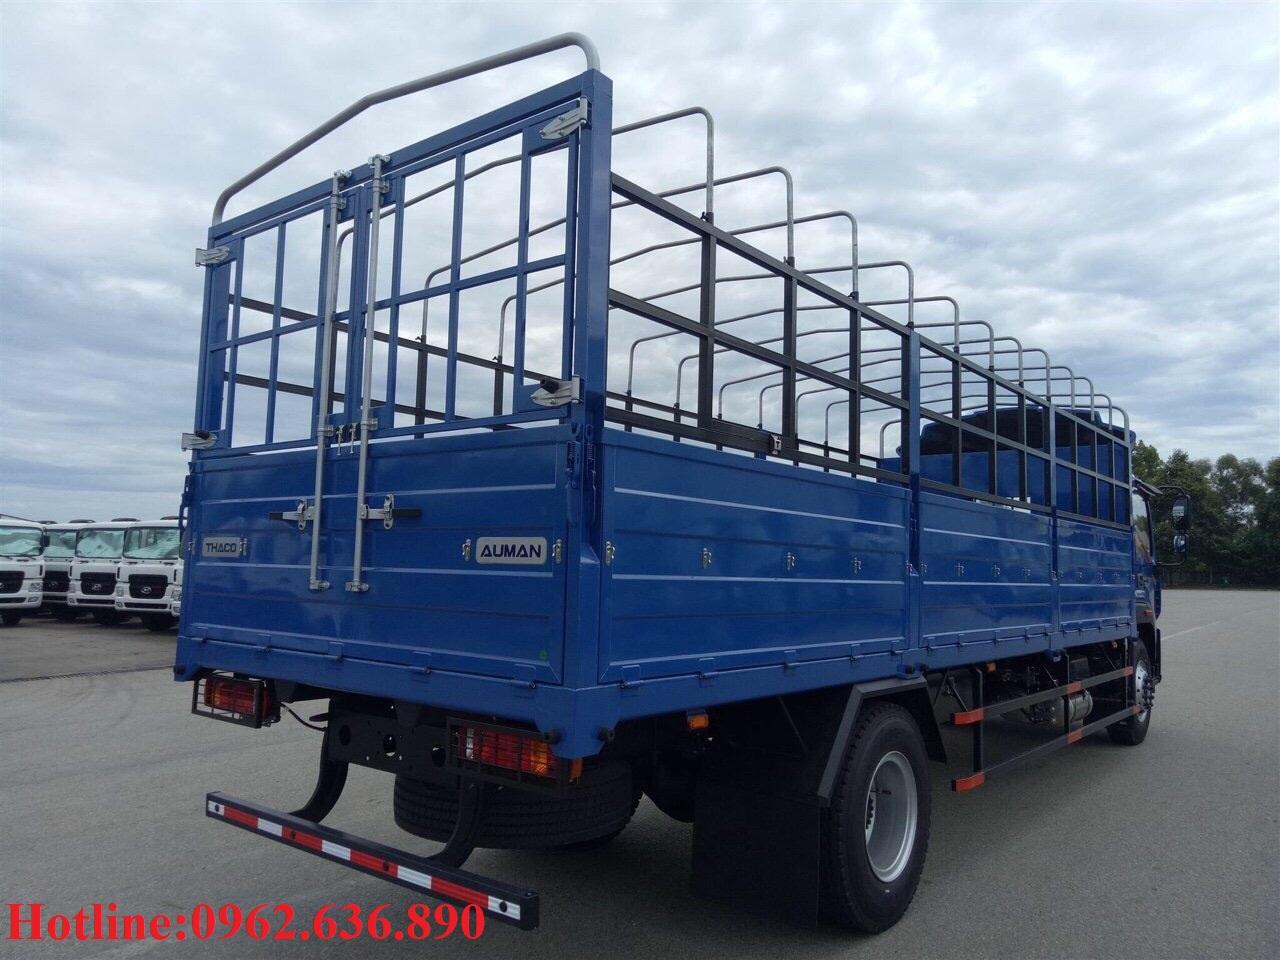 auman-c160-màu-xanh-dương